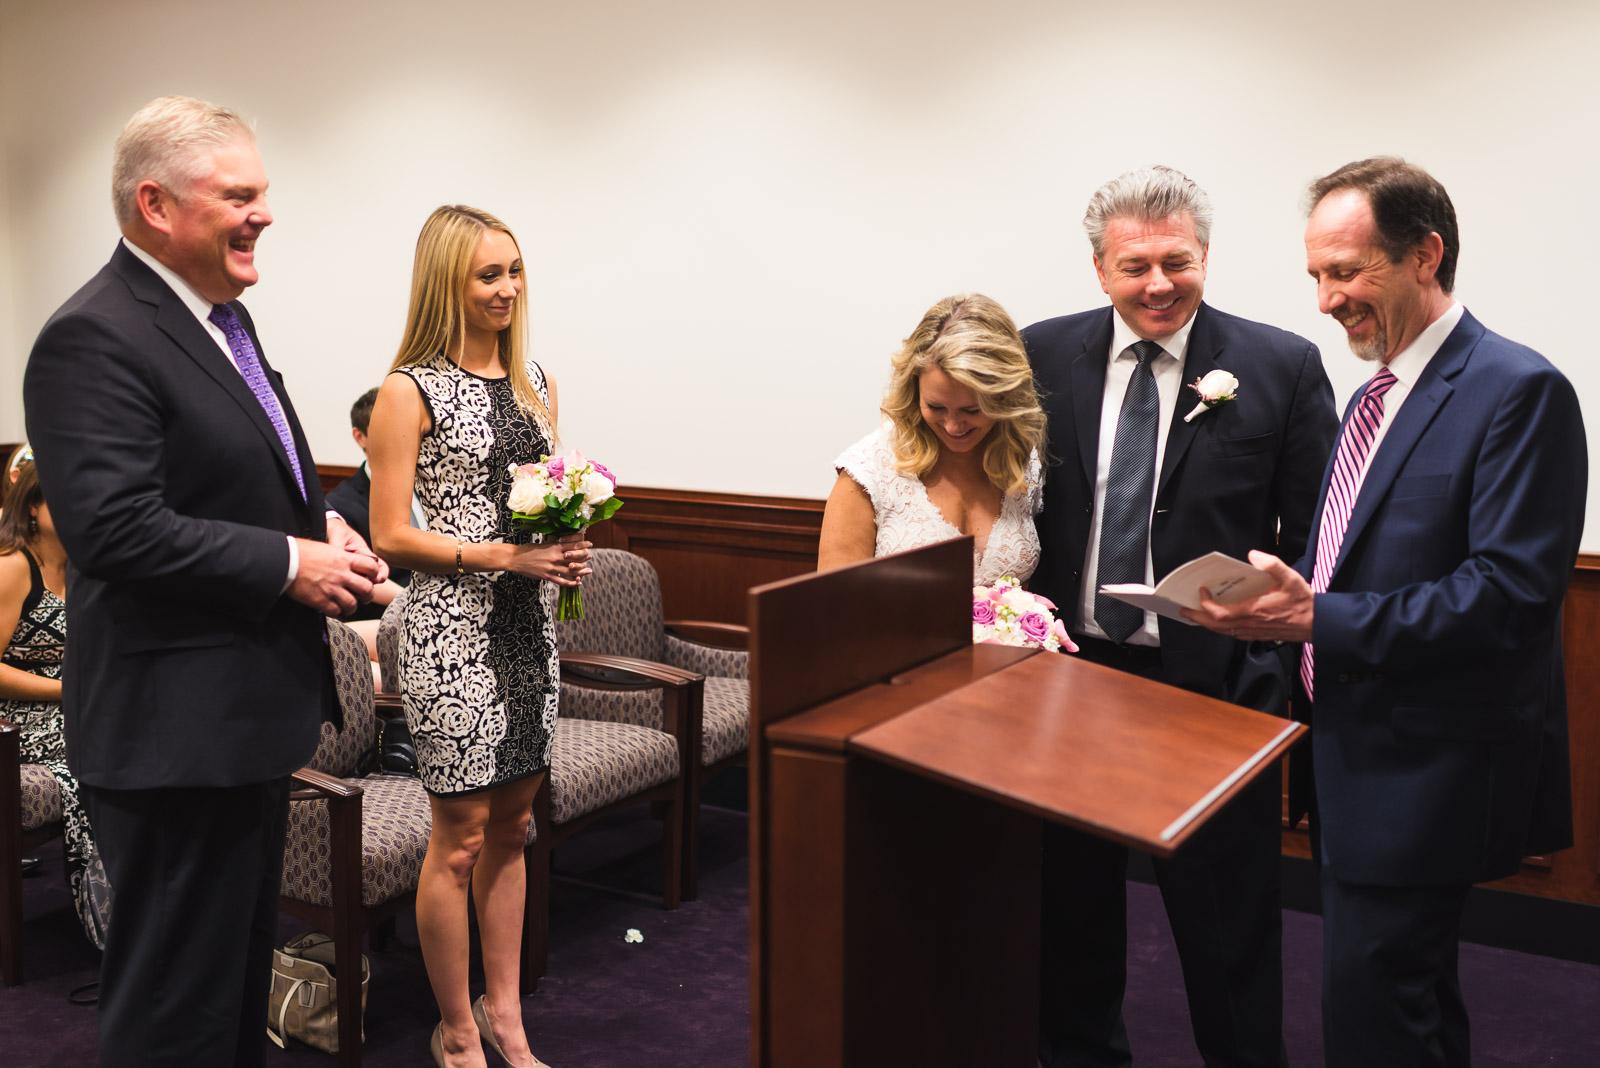 phill-cherie-wedding-006-blog.jpg